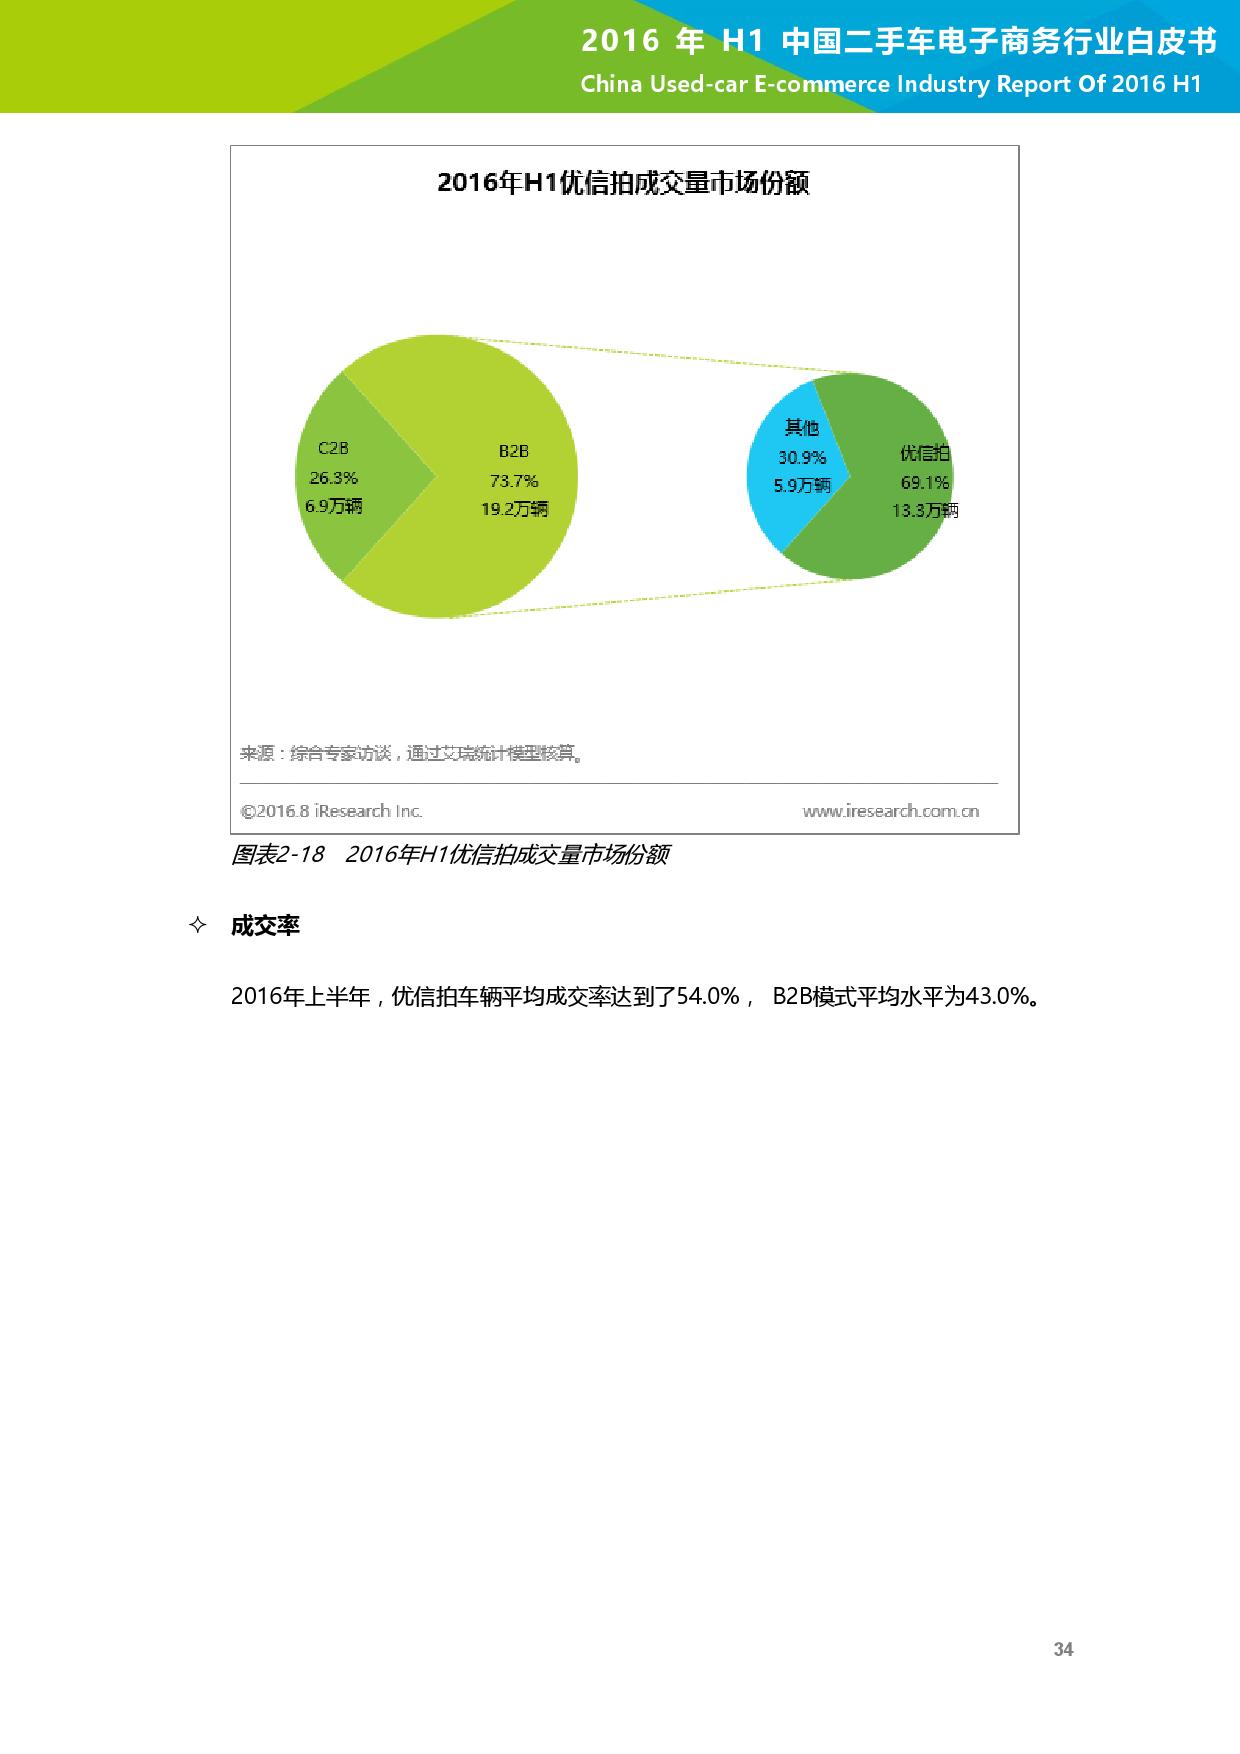 2016年H1中国二手车电子商务行业白皮书_000035